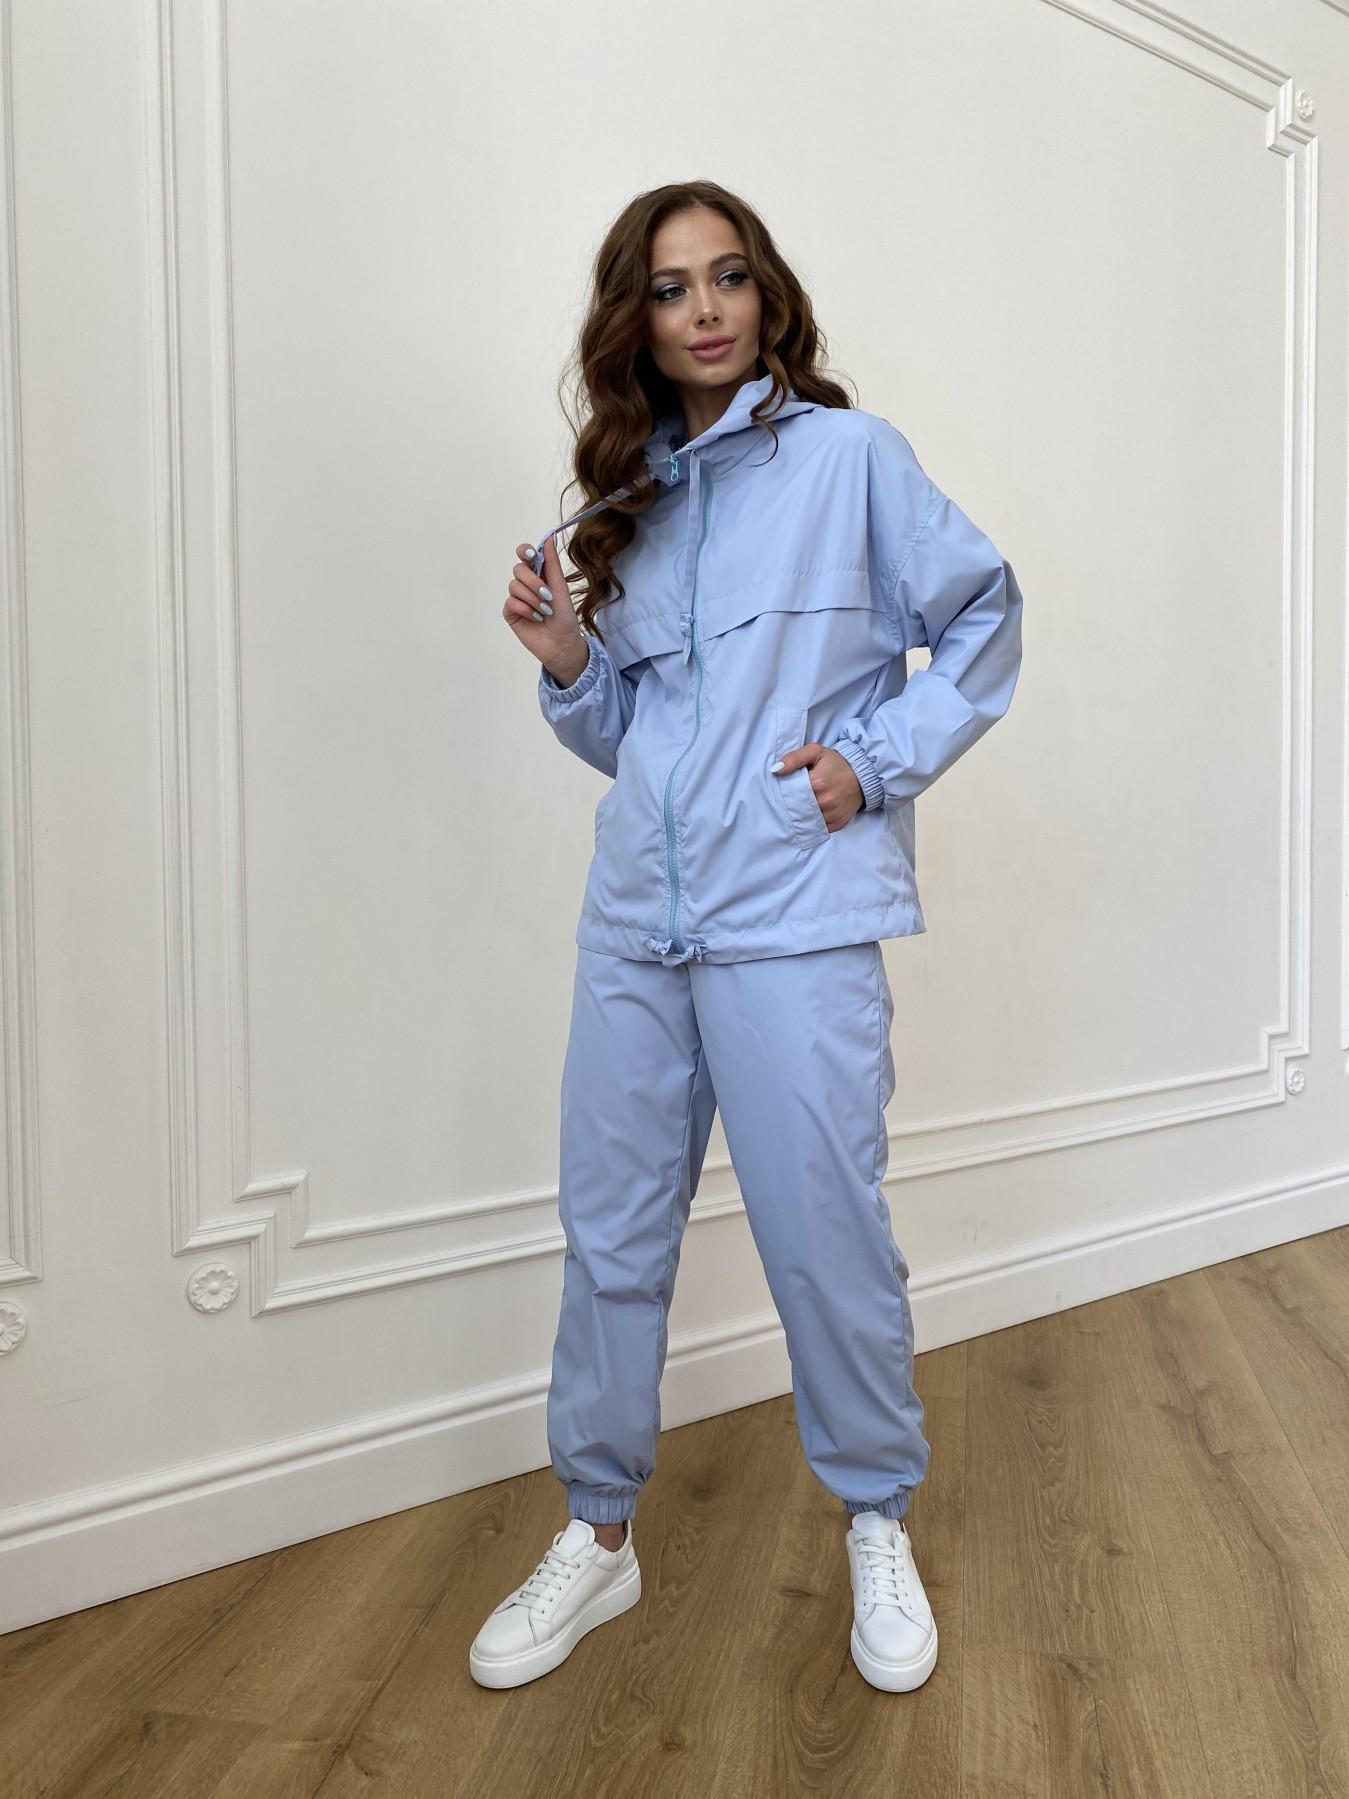 Фит костюм из плащевой ткани Ammy 11051 АРТ. 47641 Цвет: Голубой 1021 - фото 4, интернет магазин tm-modus.ru